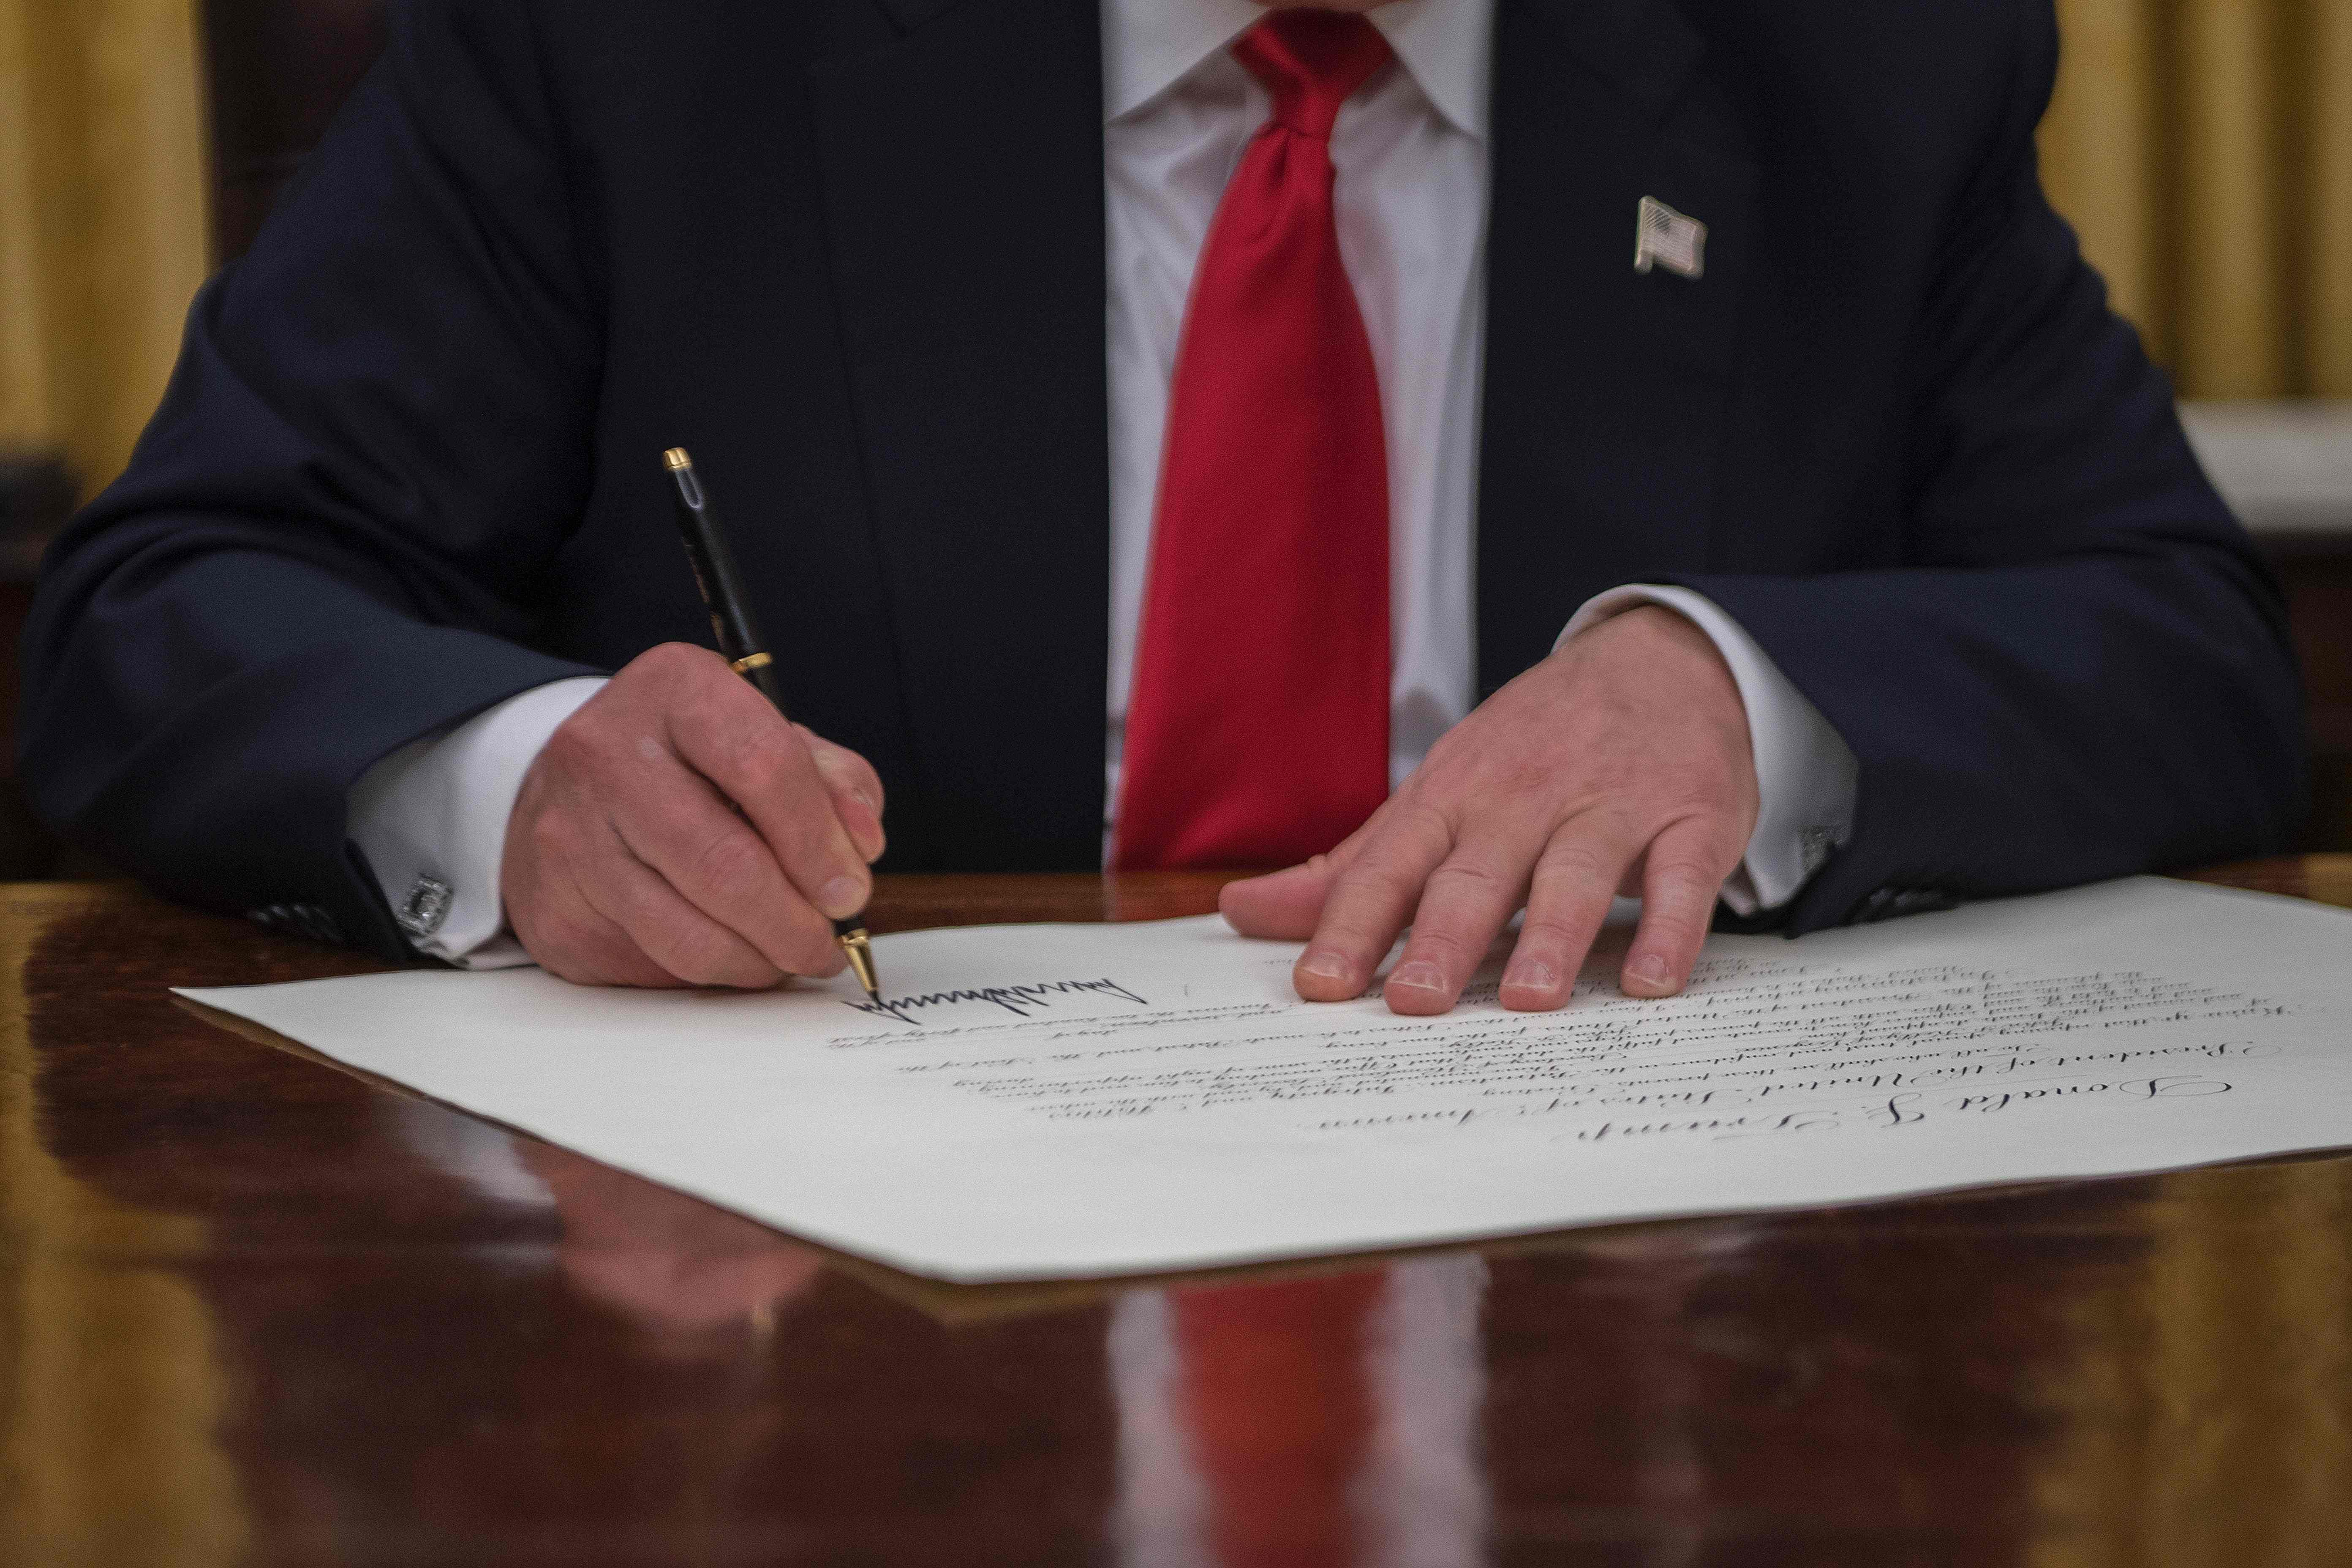 ترامب يوقع على قرار اعتماد جون كيلى وزيرا للأمن الداخلى